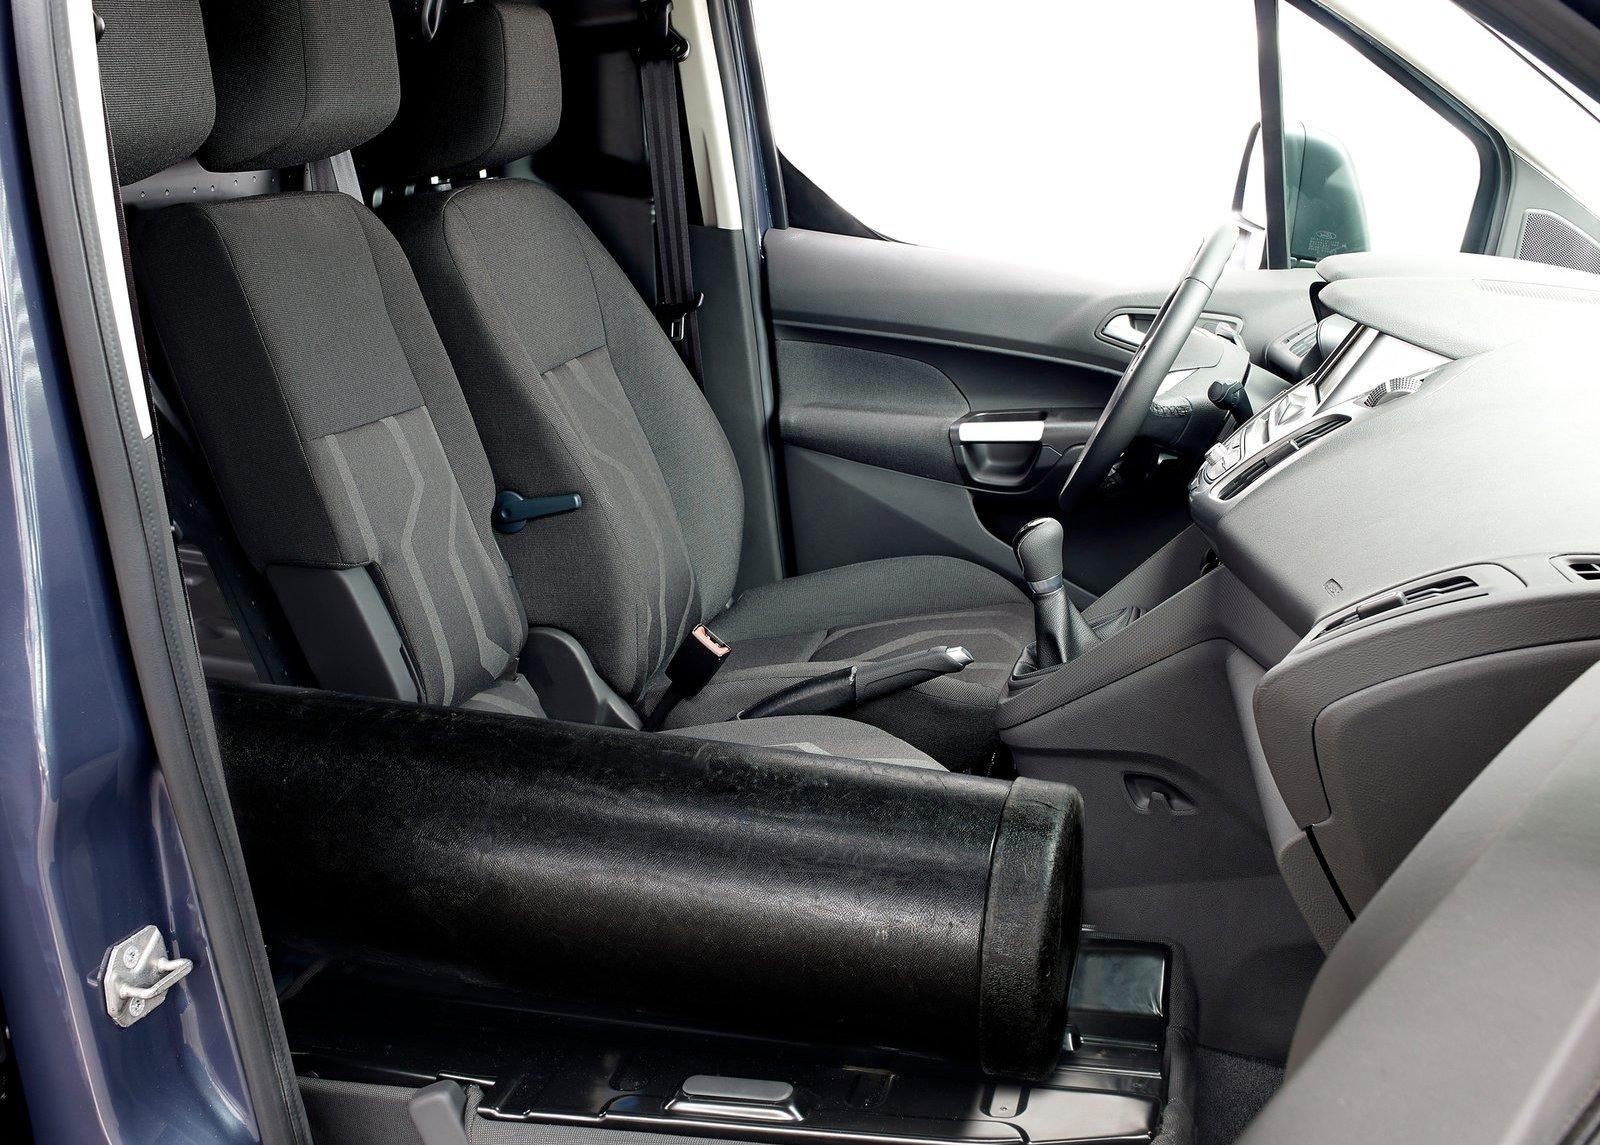 2014 ford transit connect van ngiltere 39 de fiyatland r ld. Black Bedroom Furniture Sets. Home Design Ideas